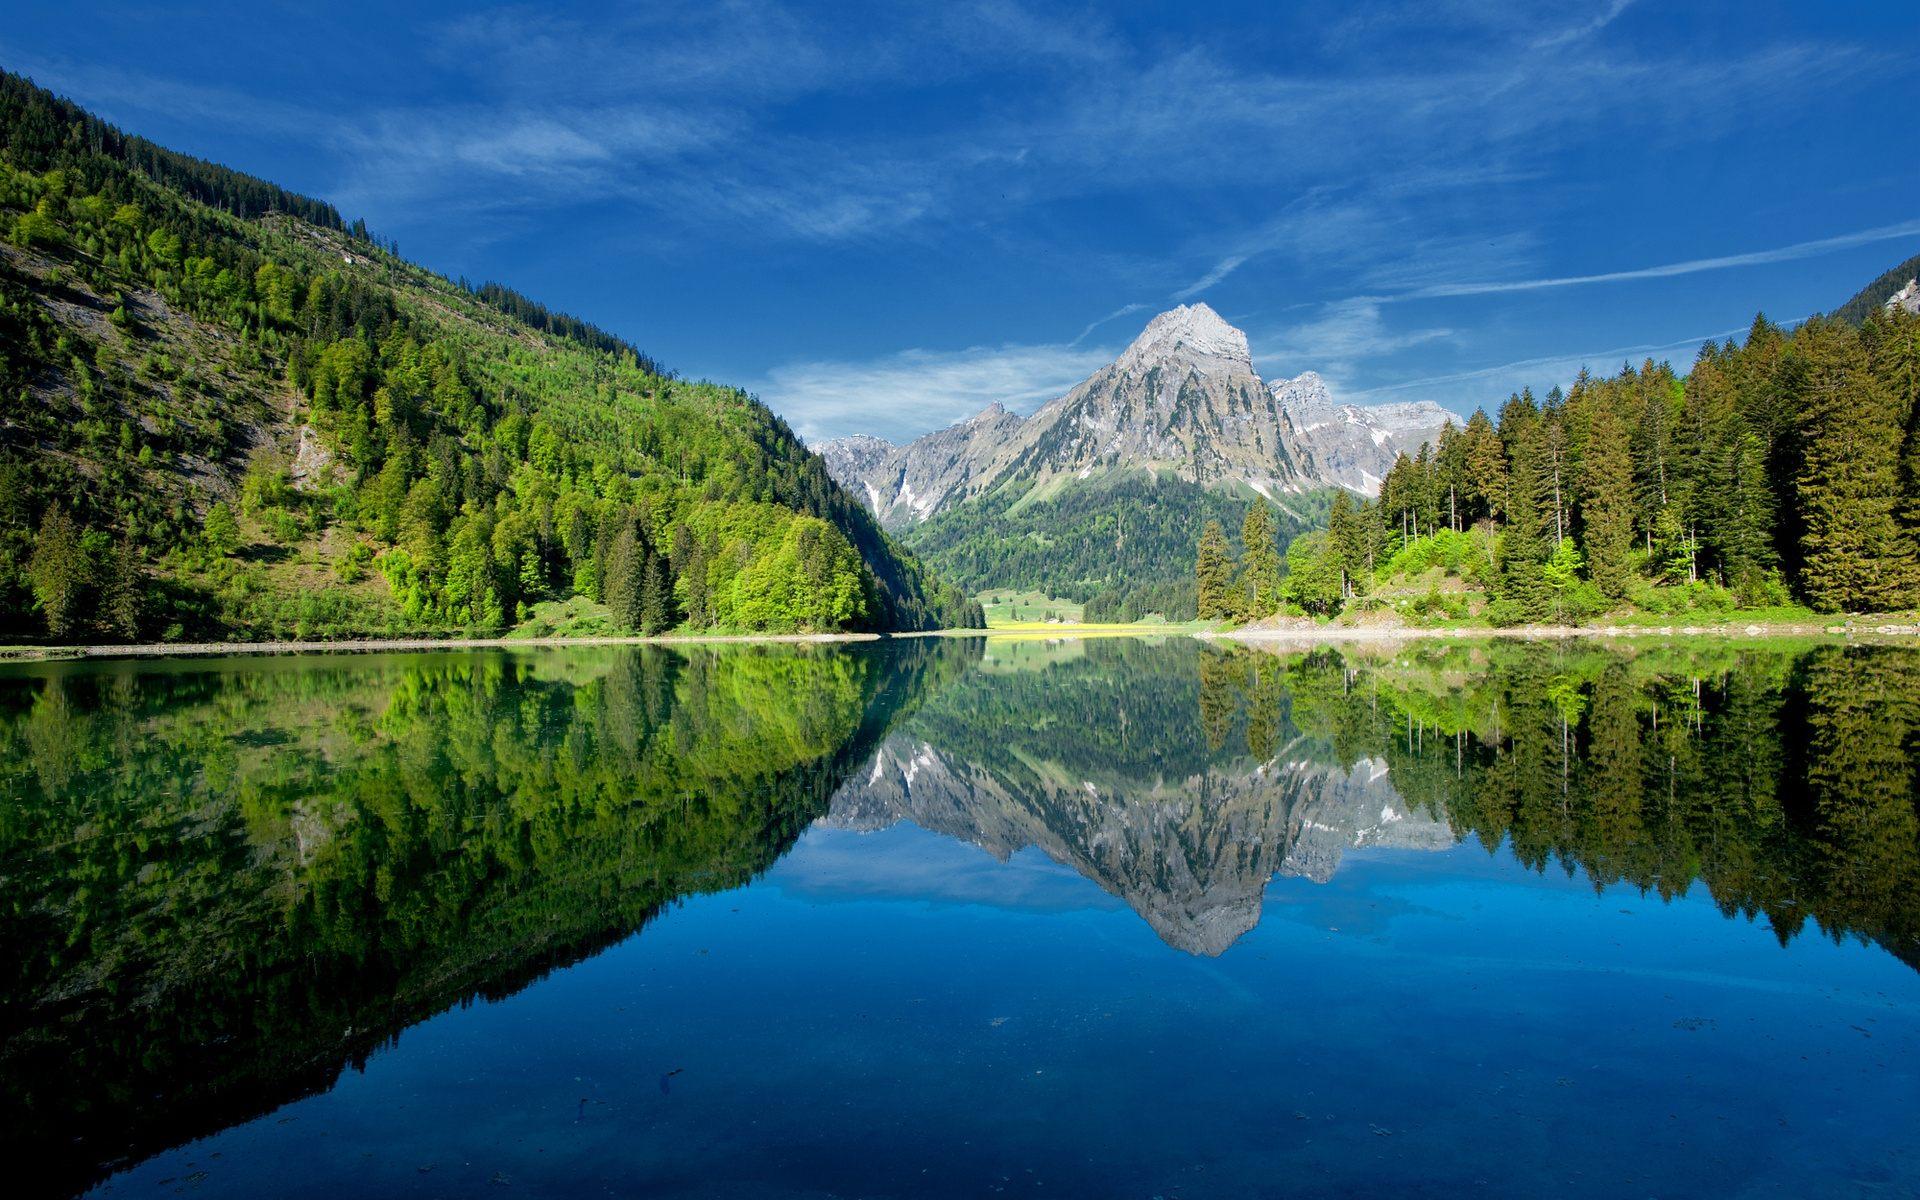 озеро горы небо